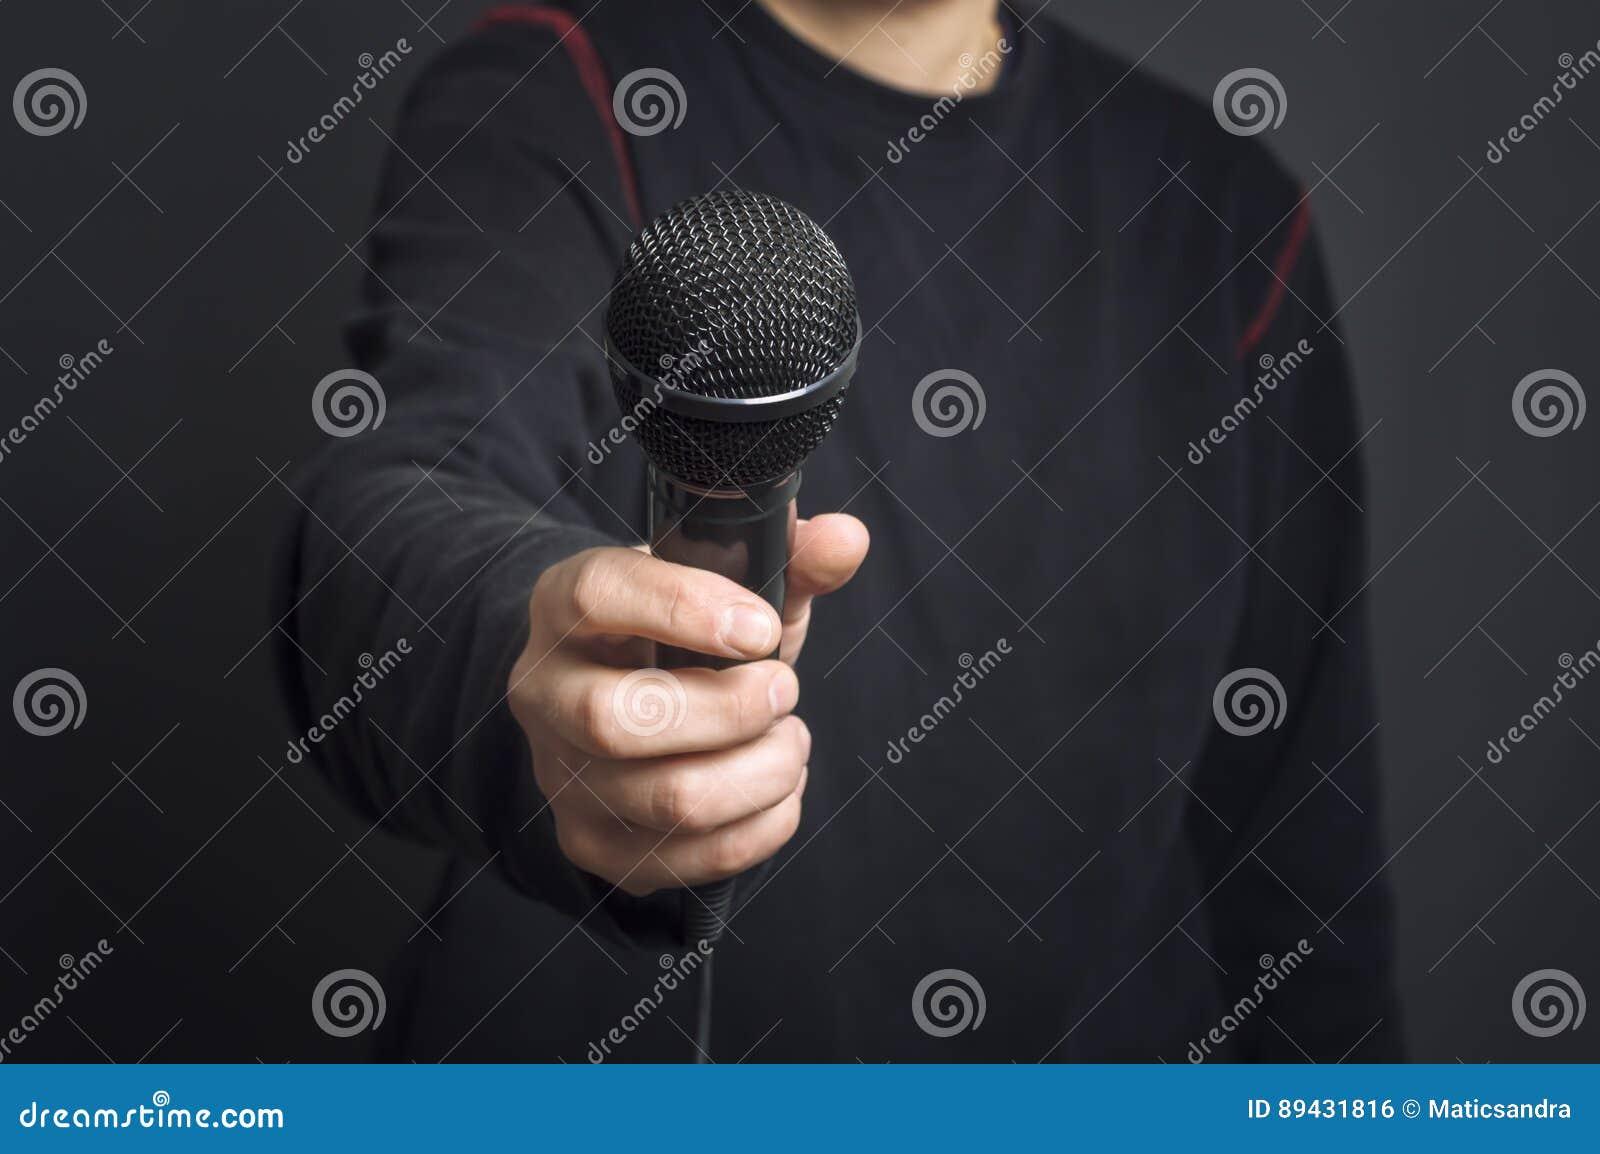 Journalist die toespraak met microfoon en hand gesturing concept voor gesprek maken